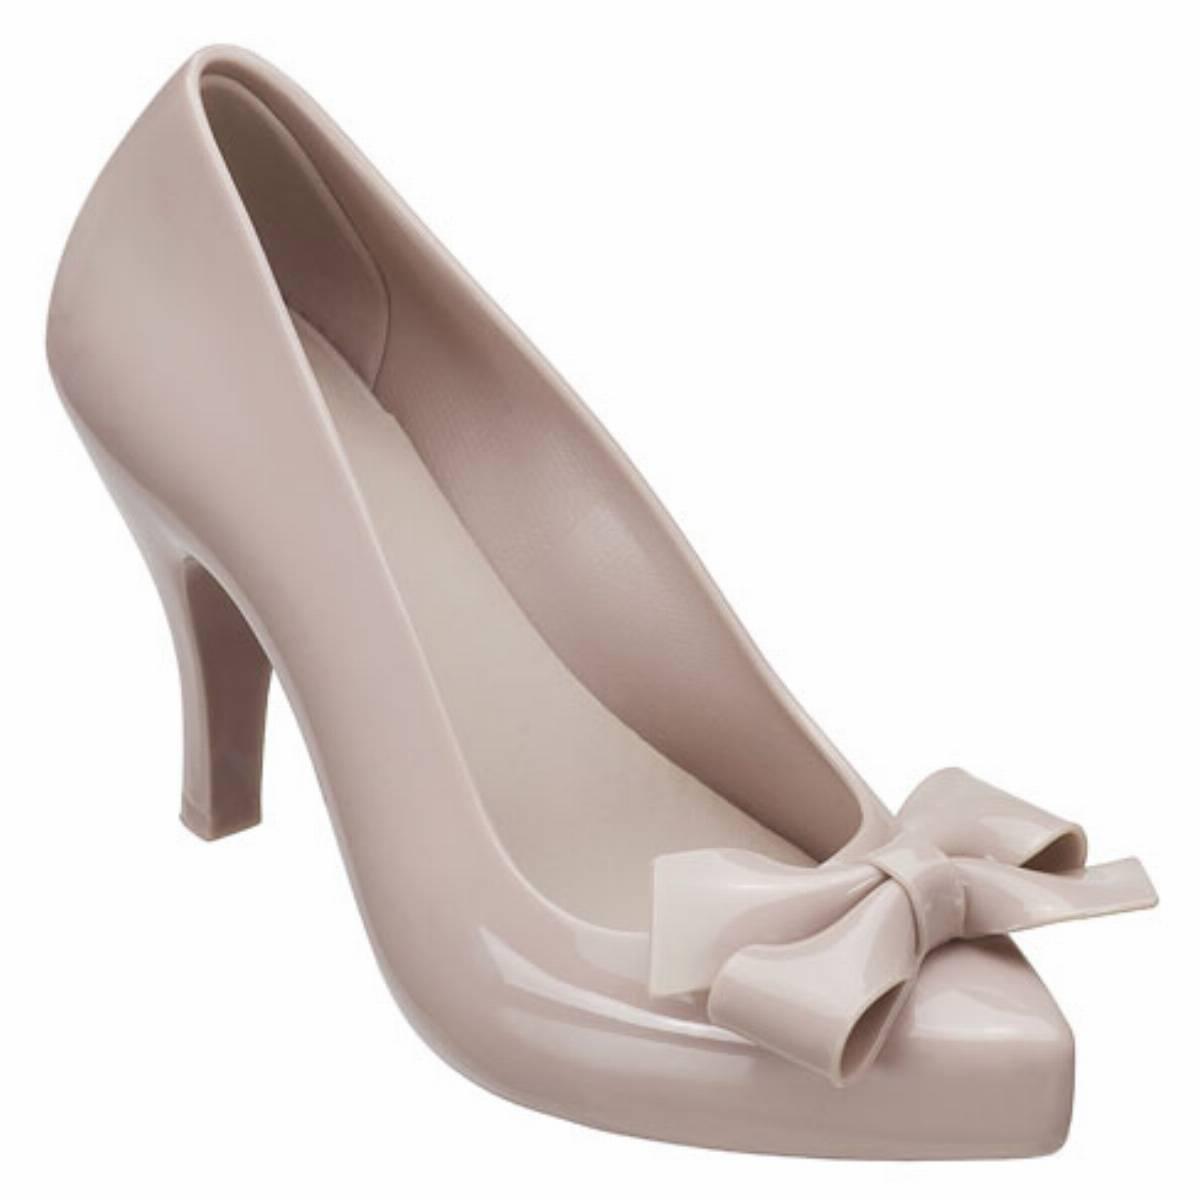 0d4afef89243f Pachnący świat butów Melissy - KobietaMag.pl